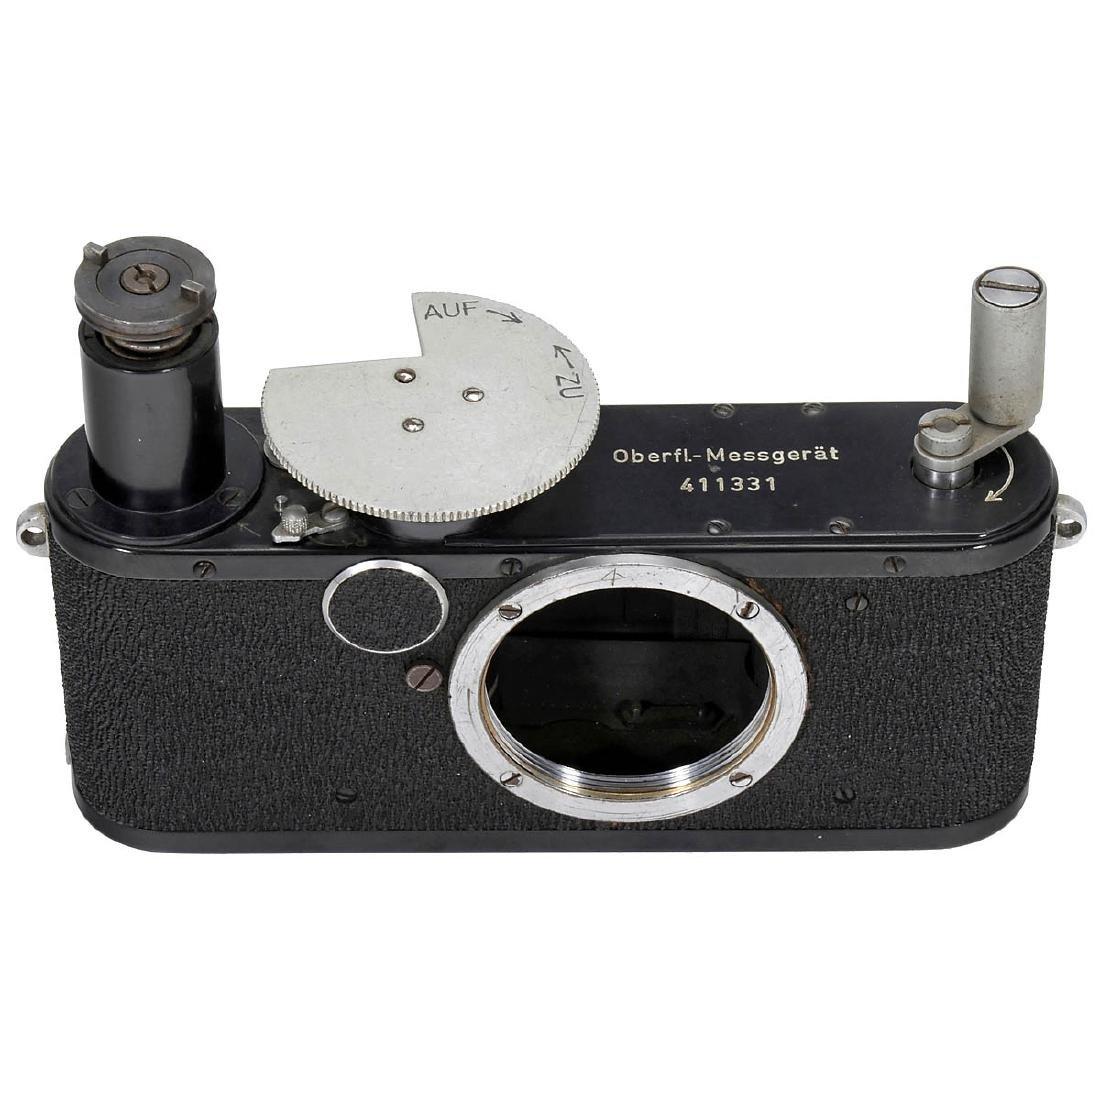 """Leica """"Oberfl.-Messgerät"""", 1946"""